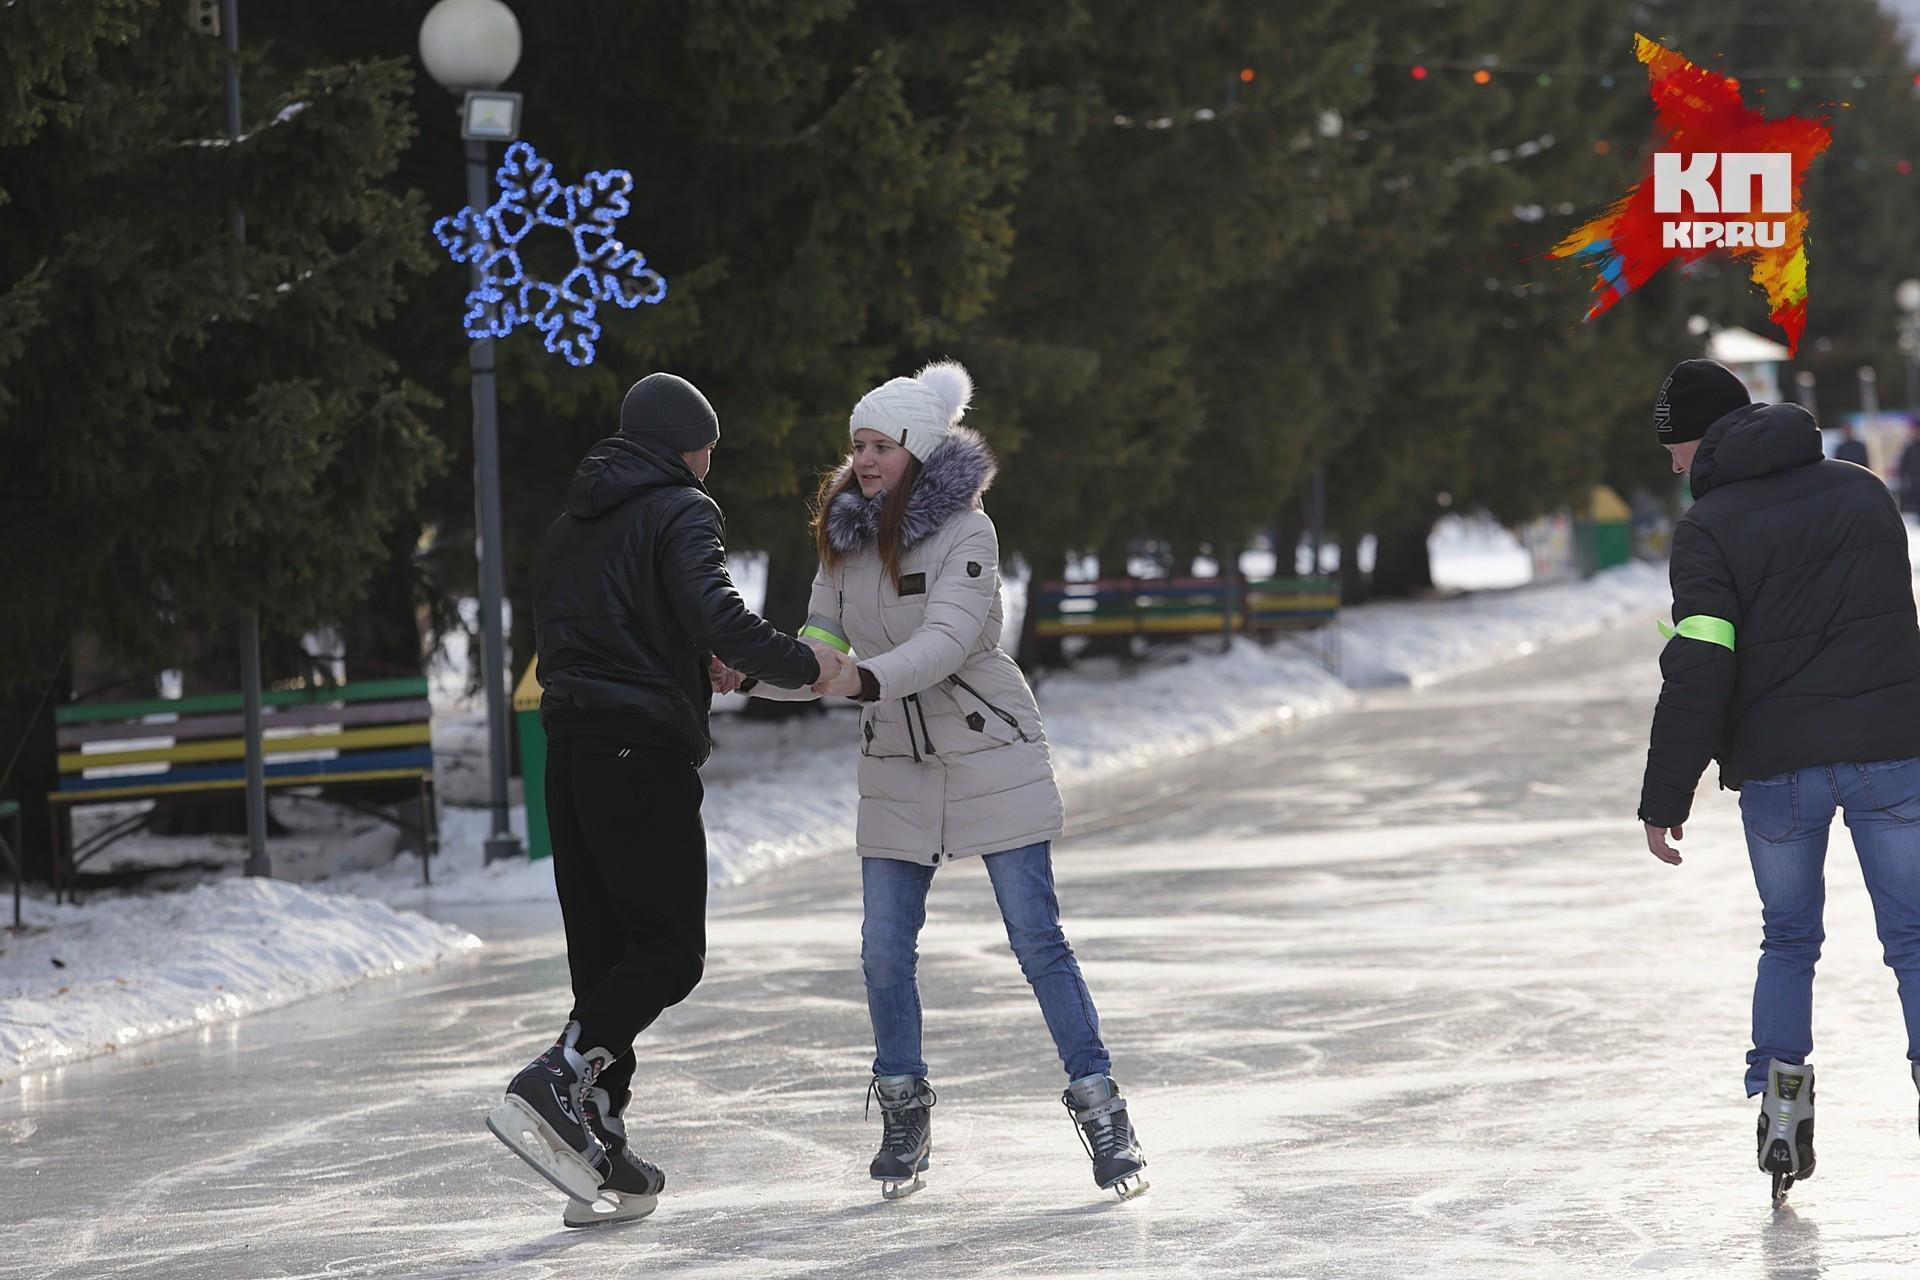 Вночь начетверг в столицеРФ предполагается похолодание до21 градуса мороза